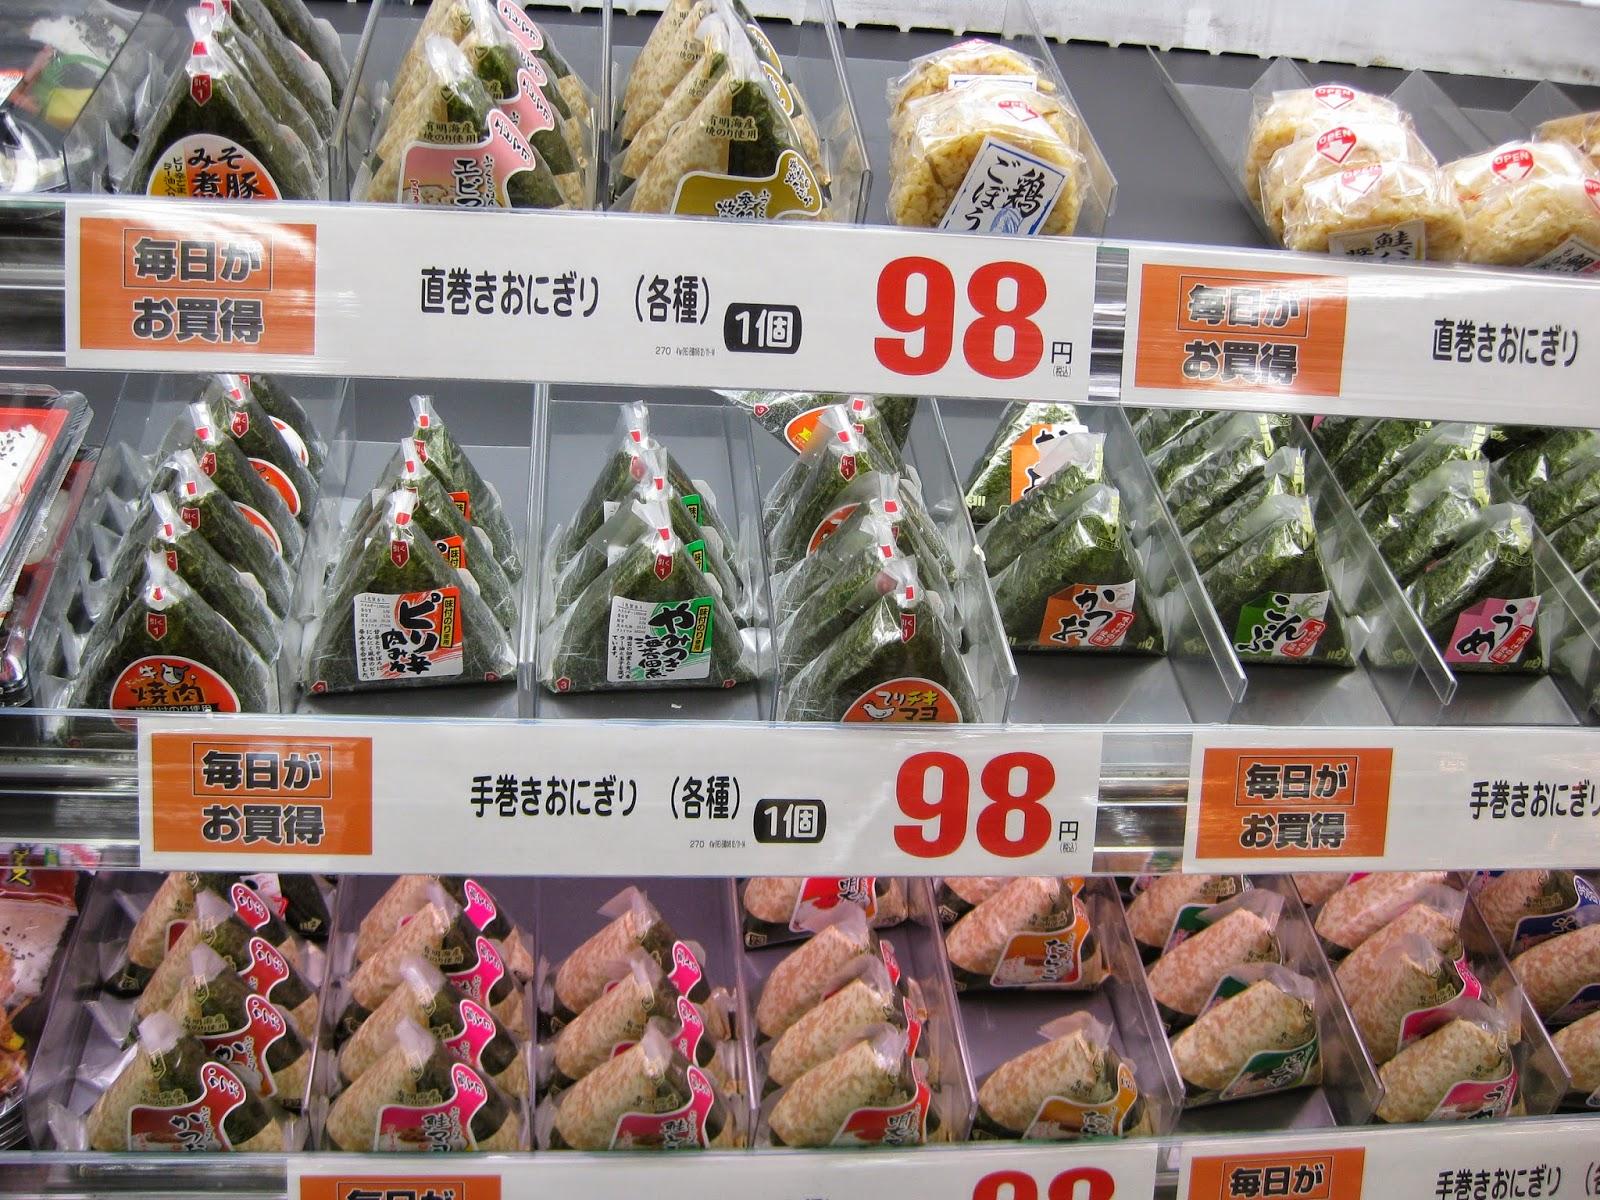 Kyoto - Onigiri rice balls